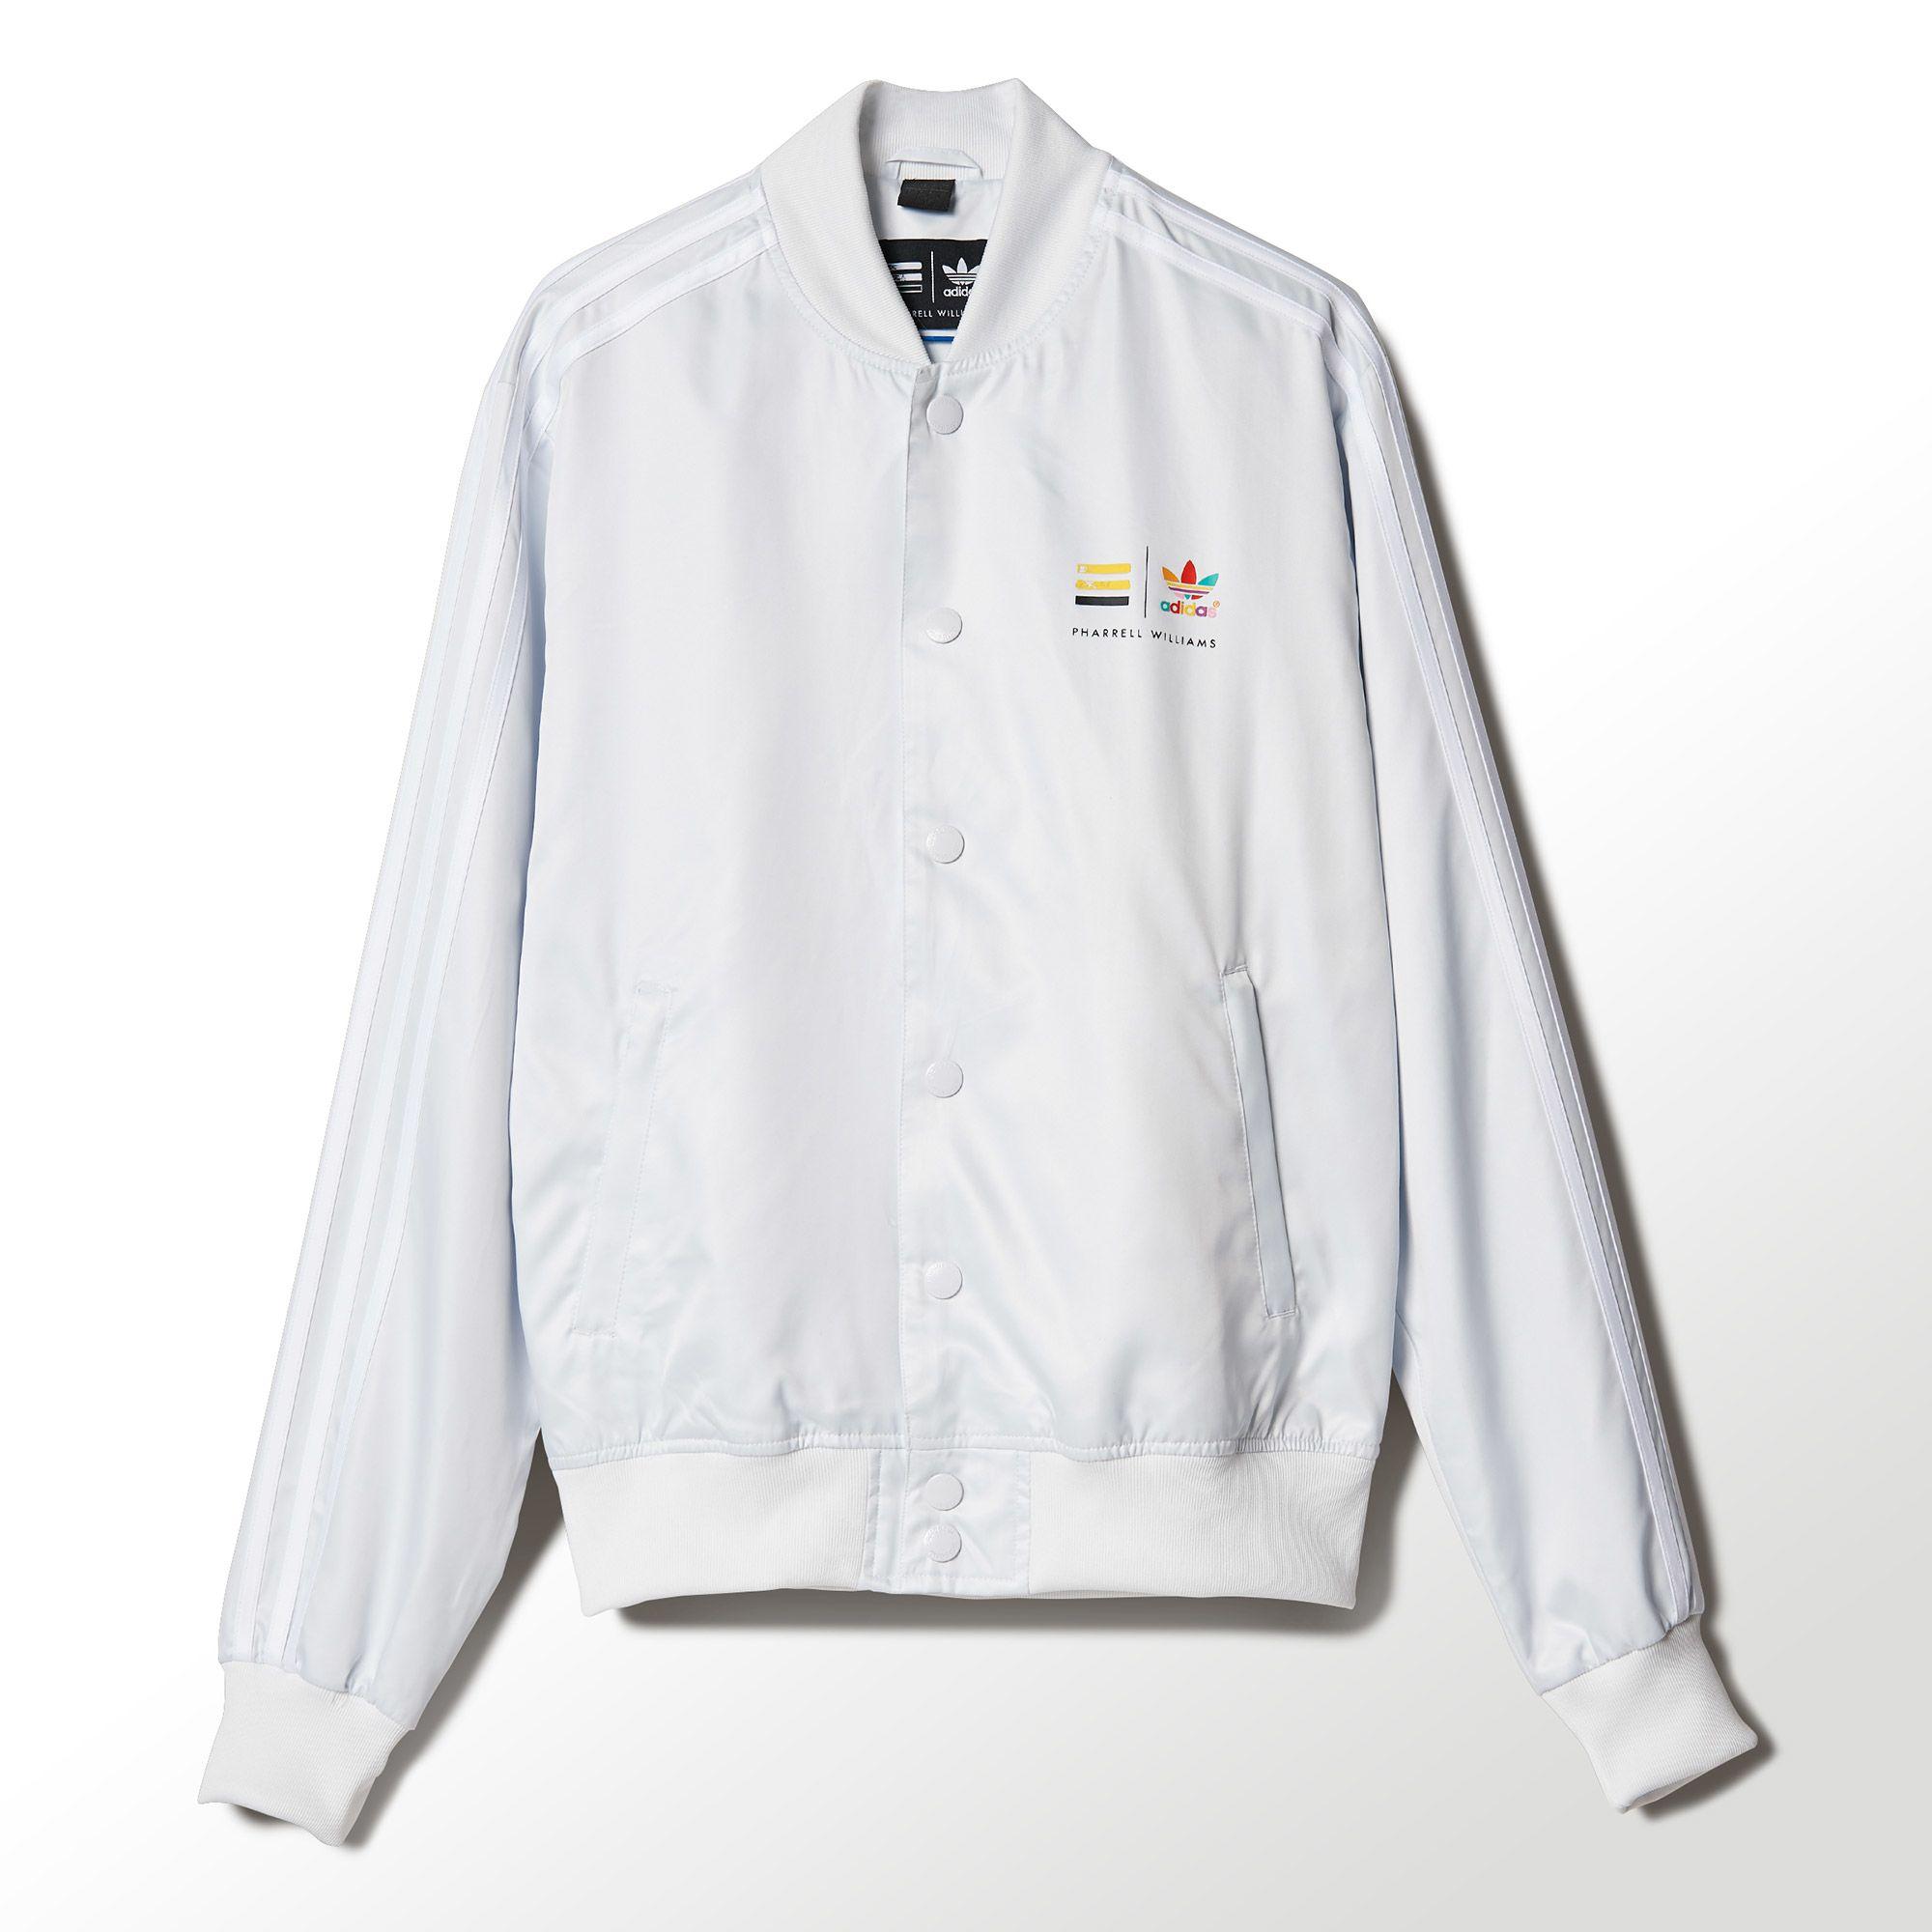 Buy adidas jackets